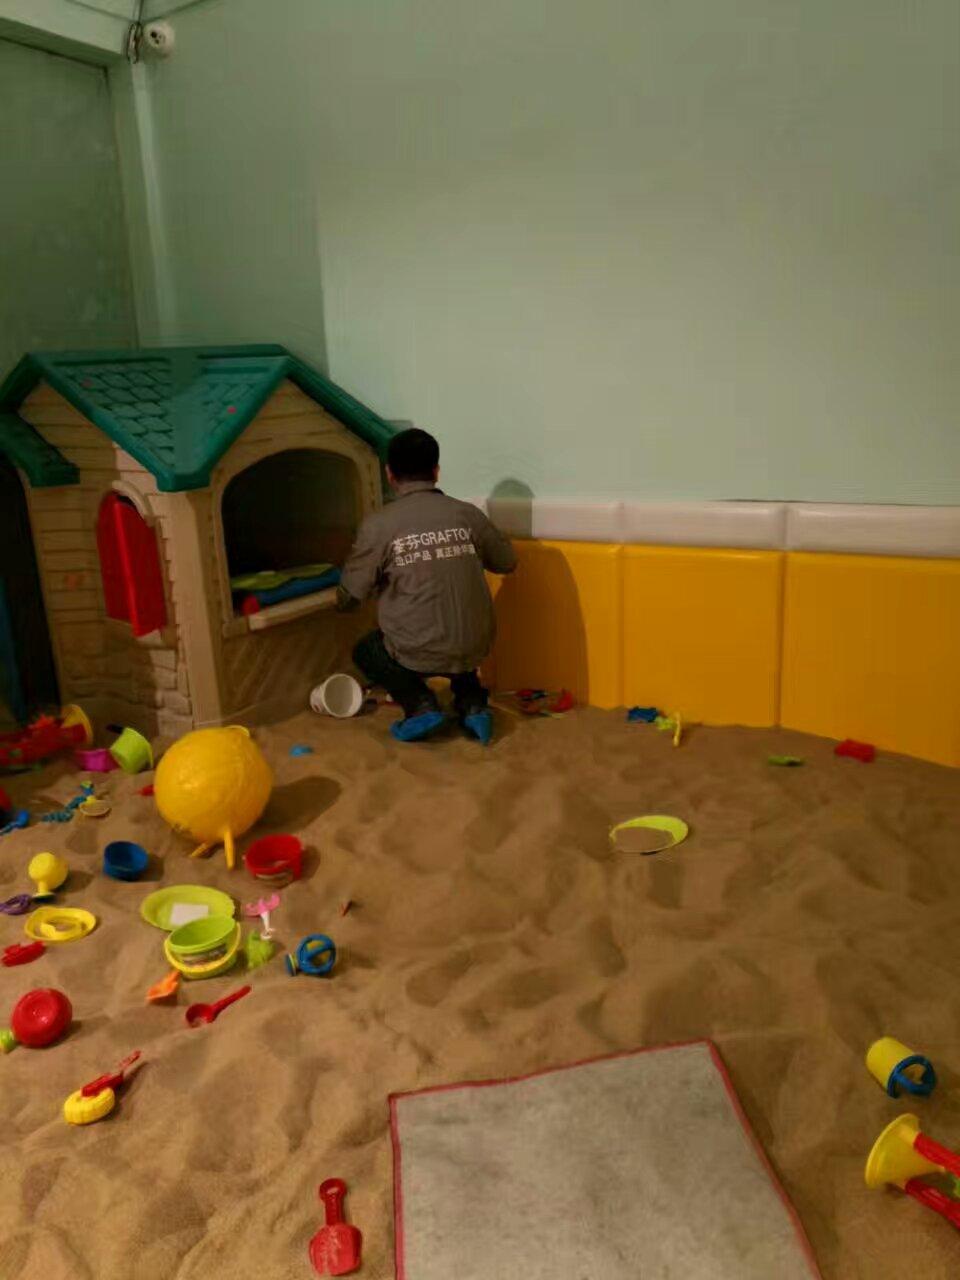 魔幻互动儿童乐园游玩区